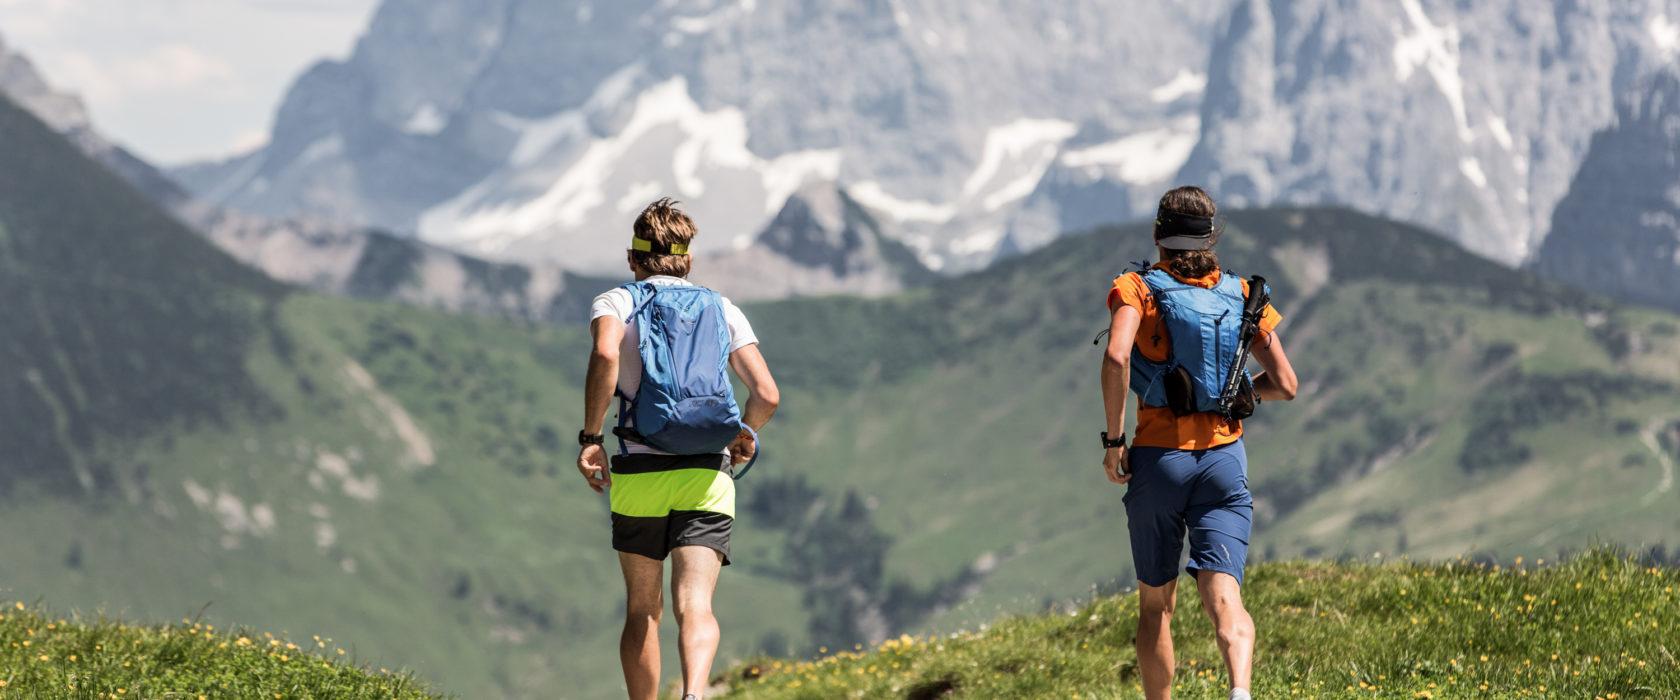 bergläufer alpen